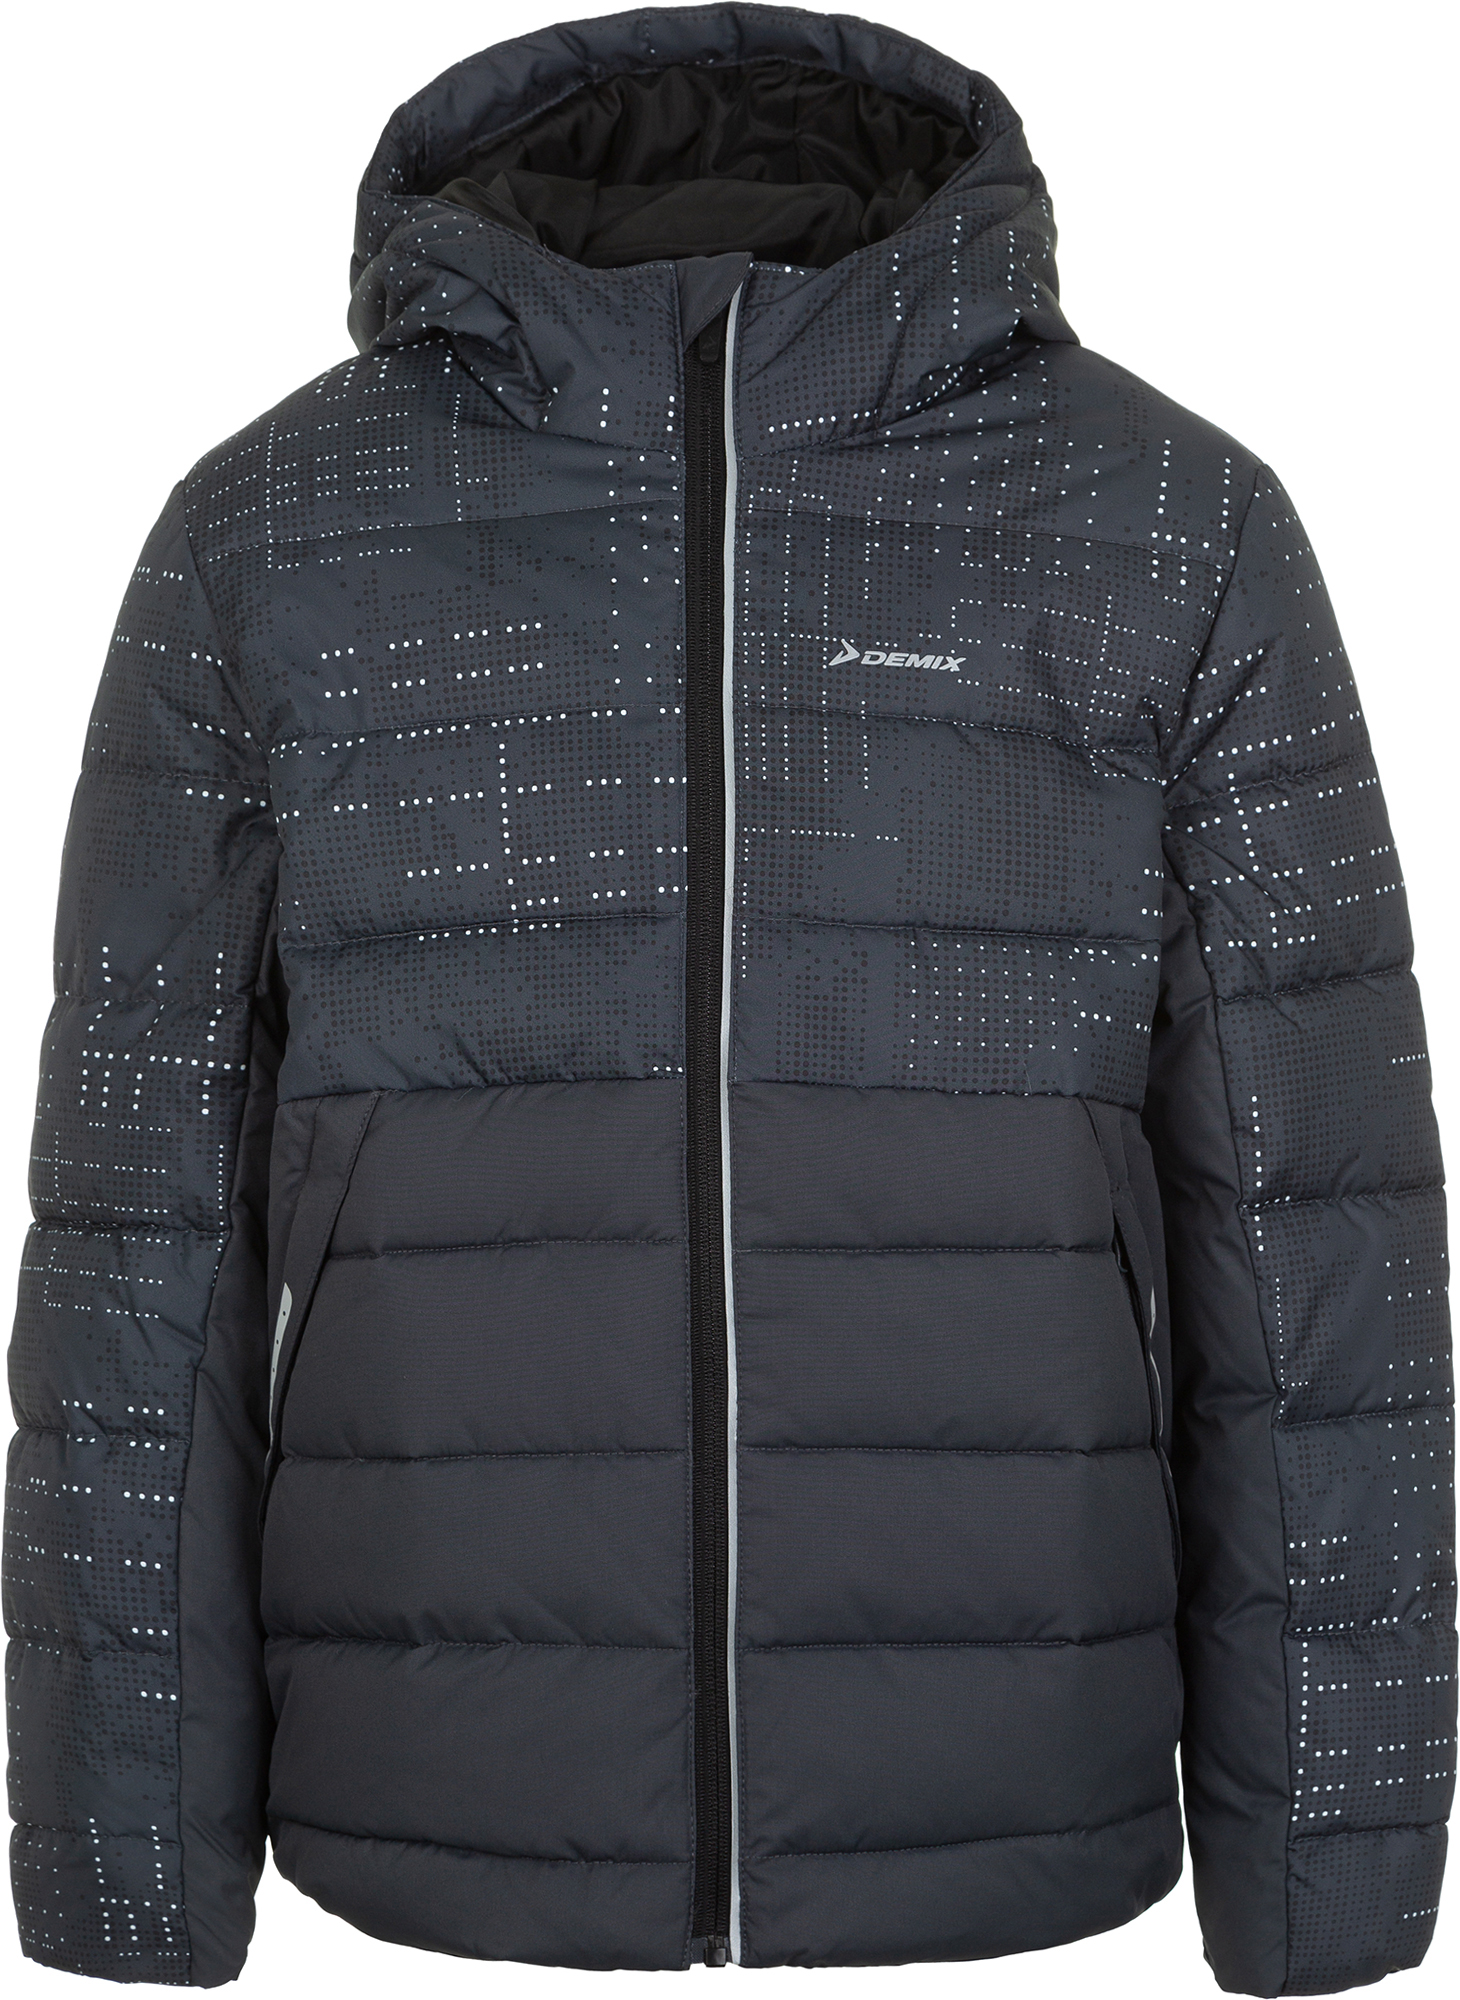 Demix Куртка утепленная для мальчиков Demix, размер 170